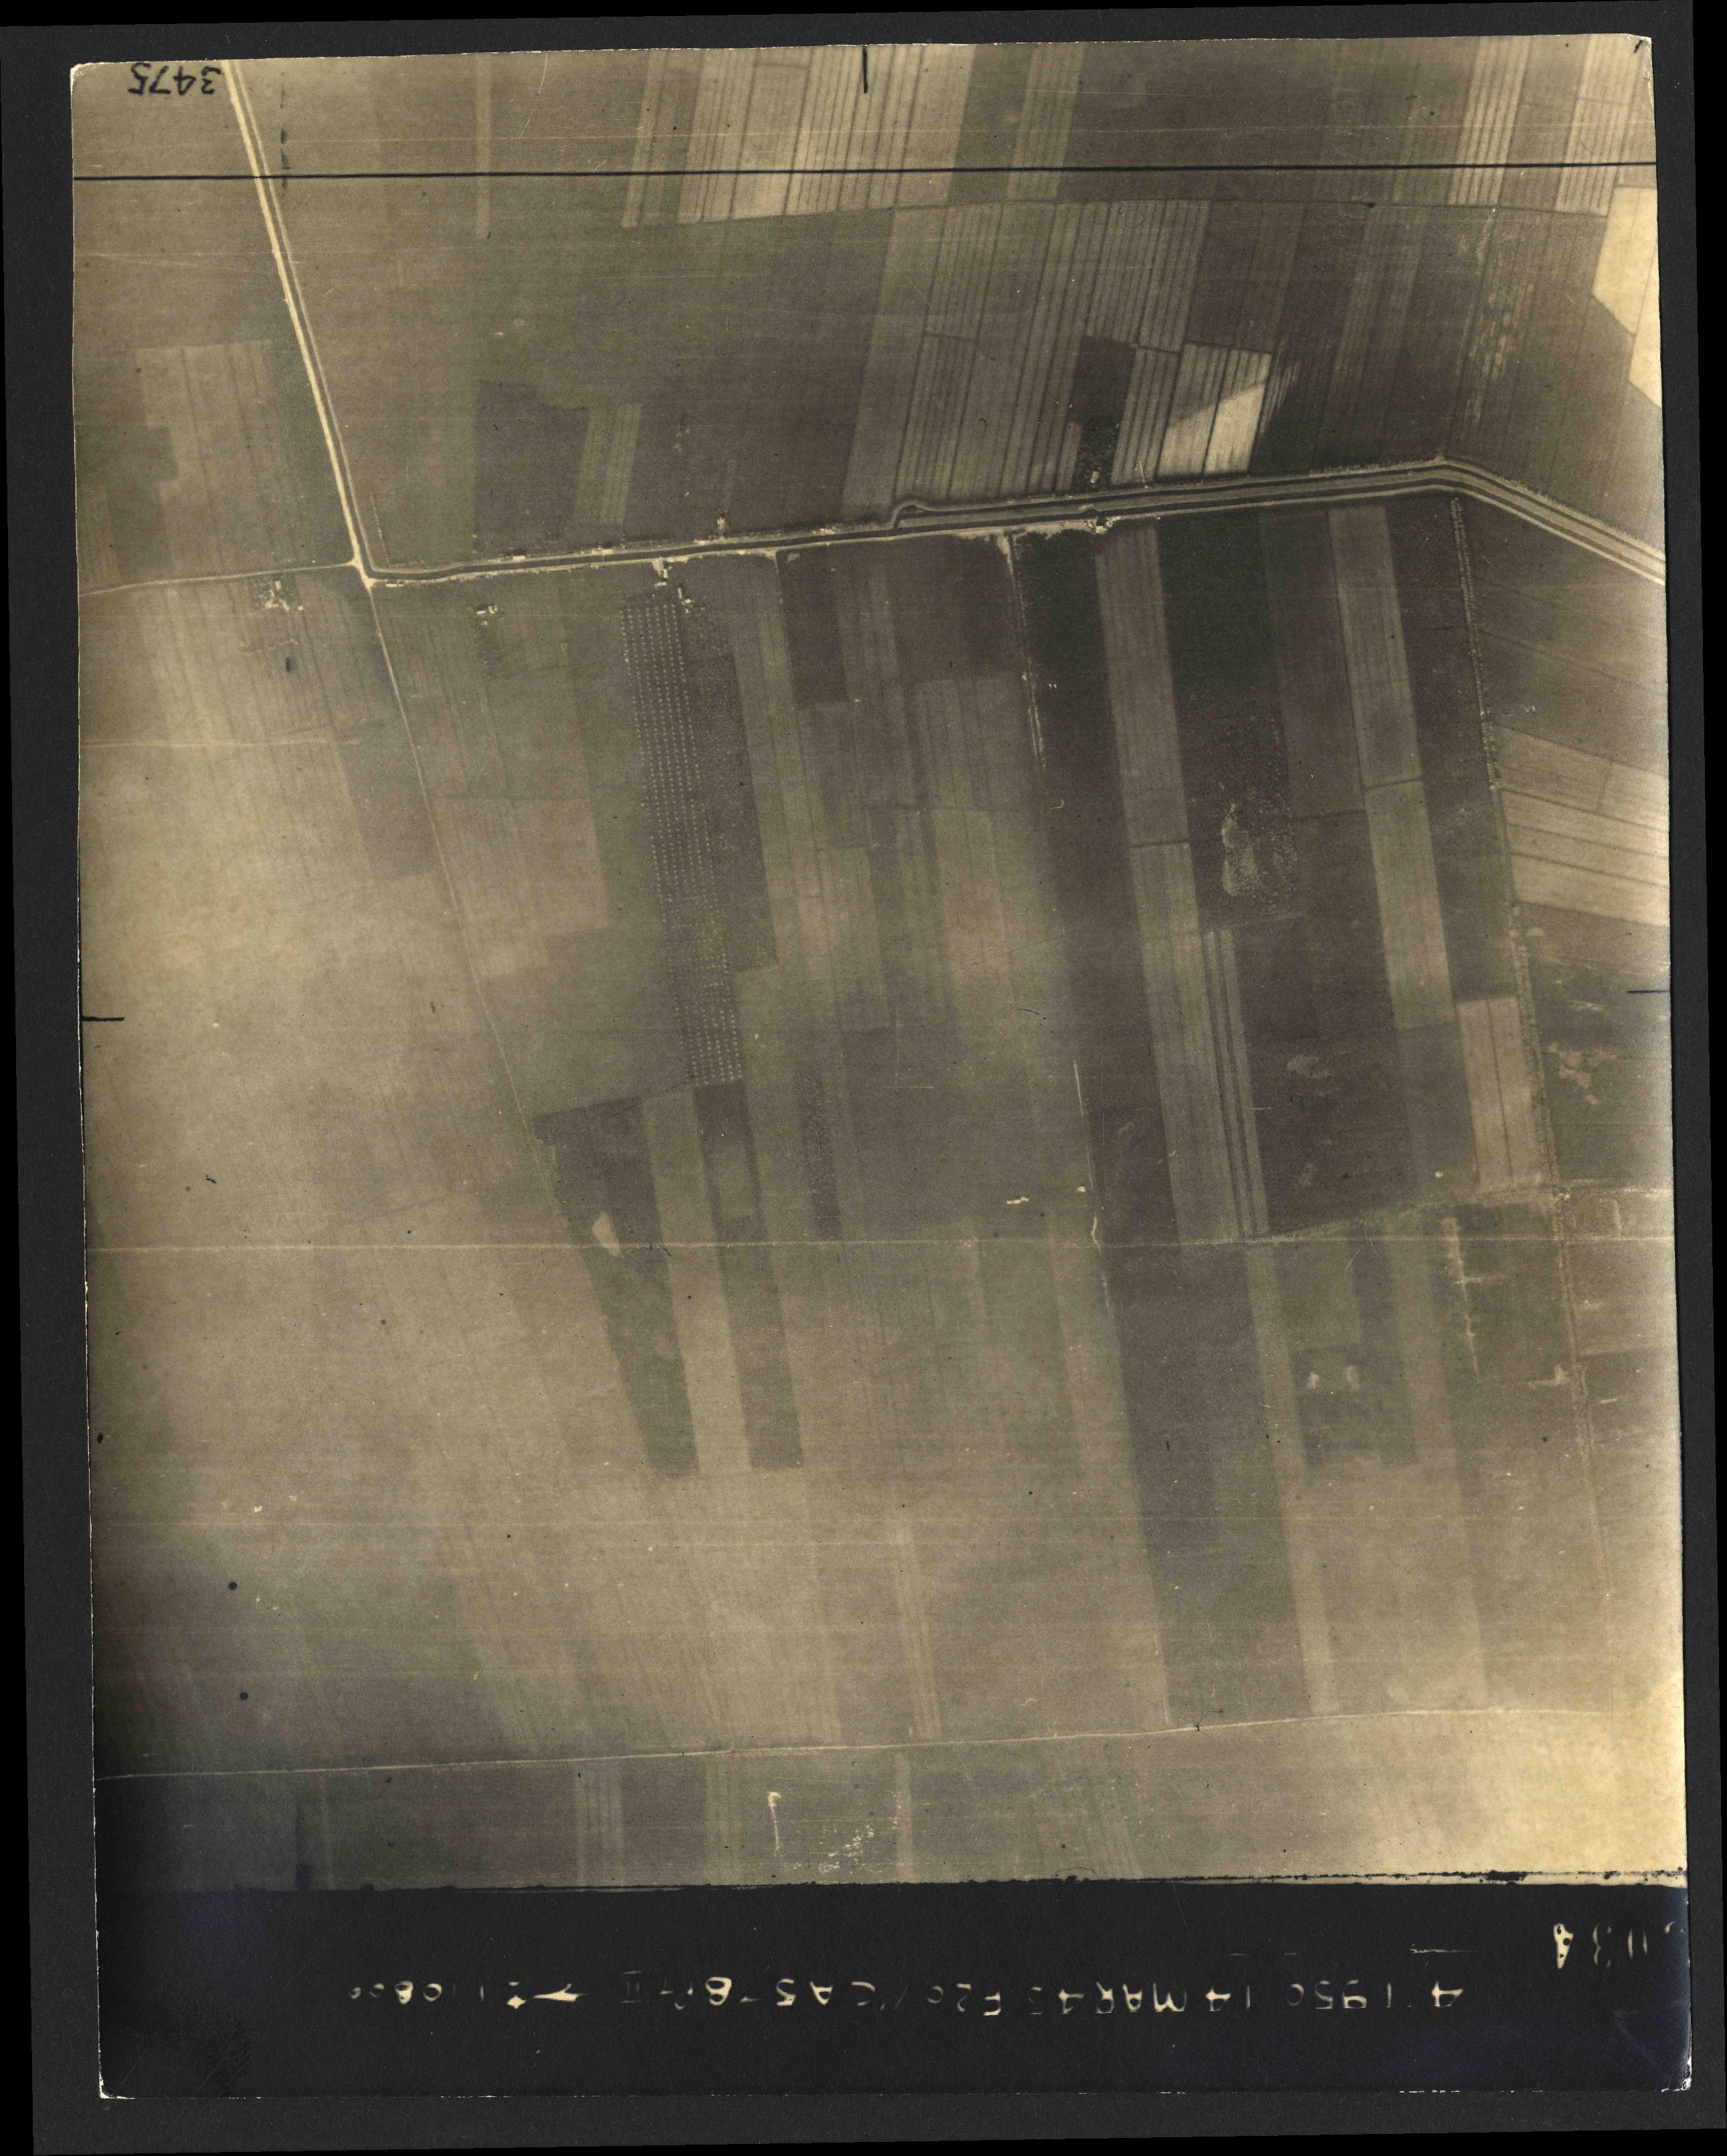 Collection RAF aerial photos 1940-1945 - flight 010, run 06, photo 3034